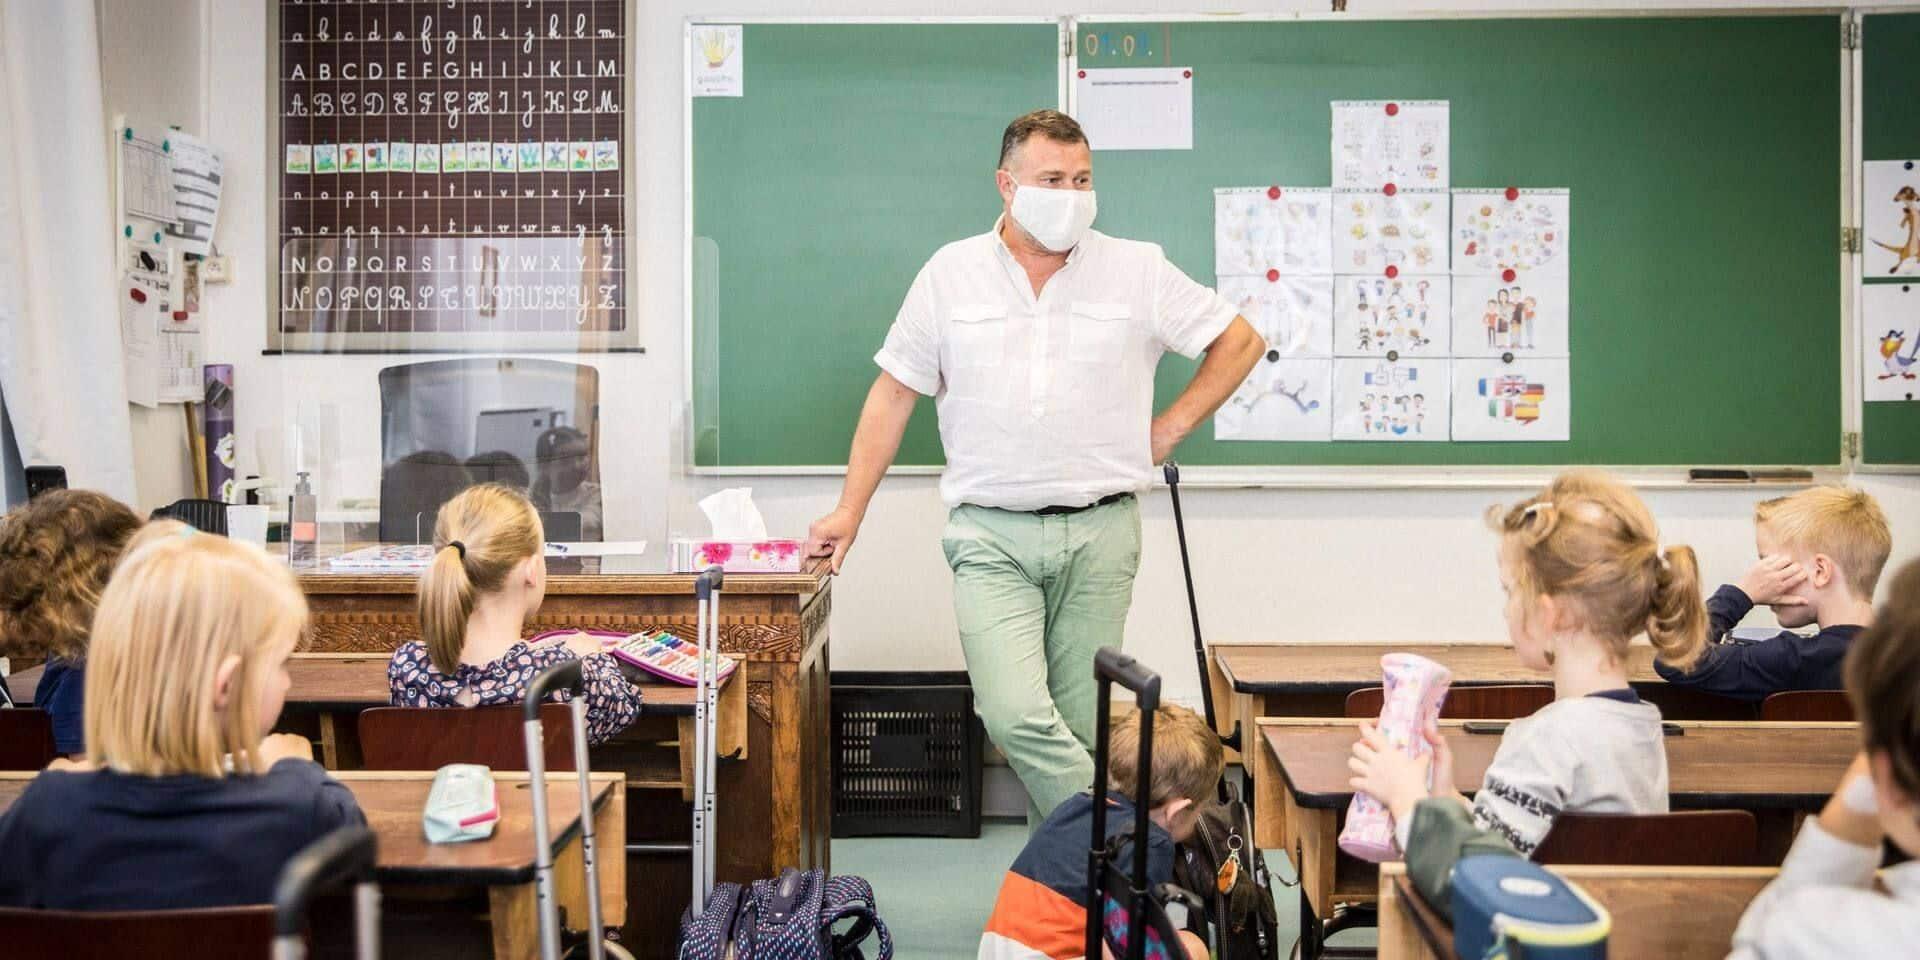 La Ville de Bruxelles a réussi à résorber sa pénurie d'enseignants